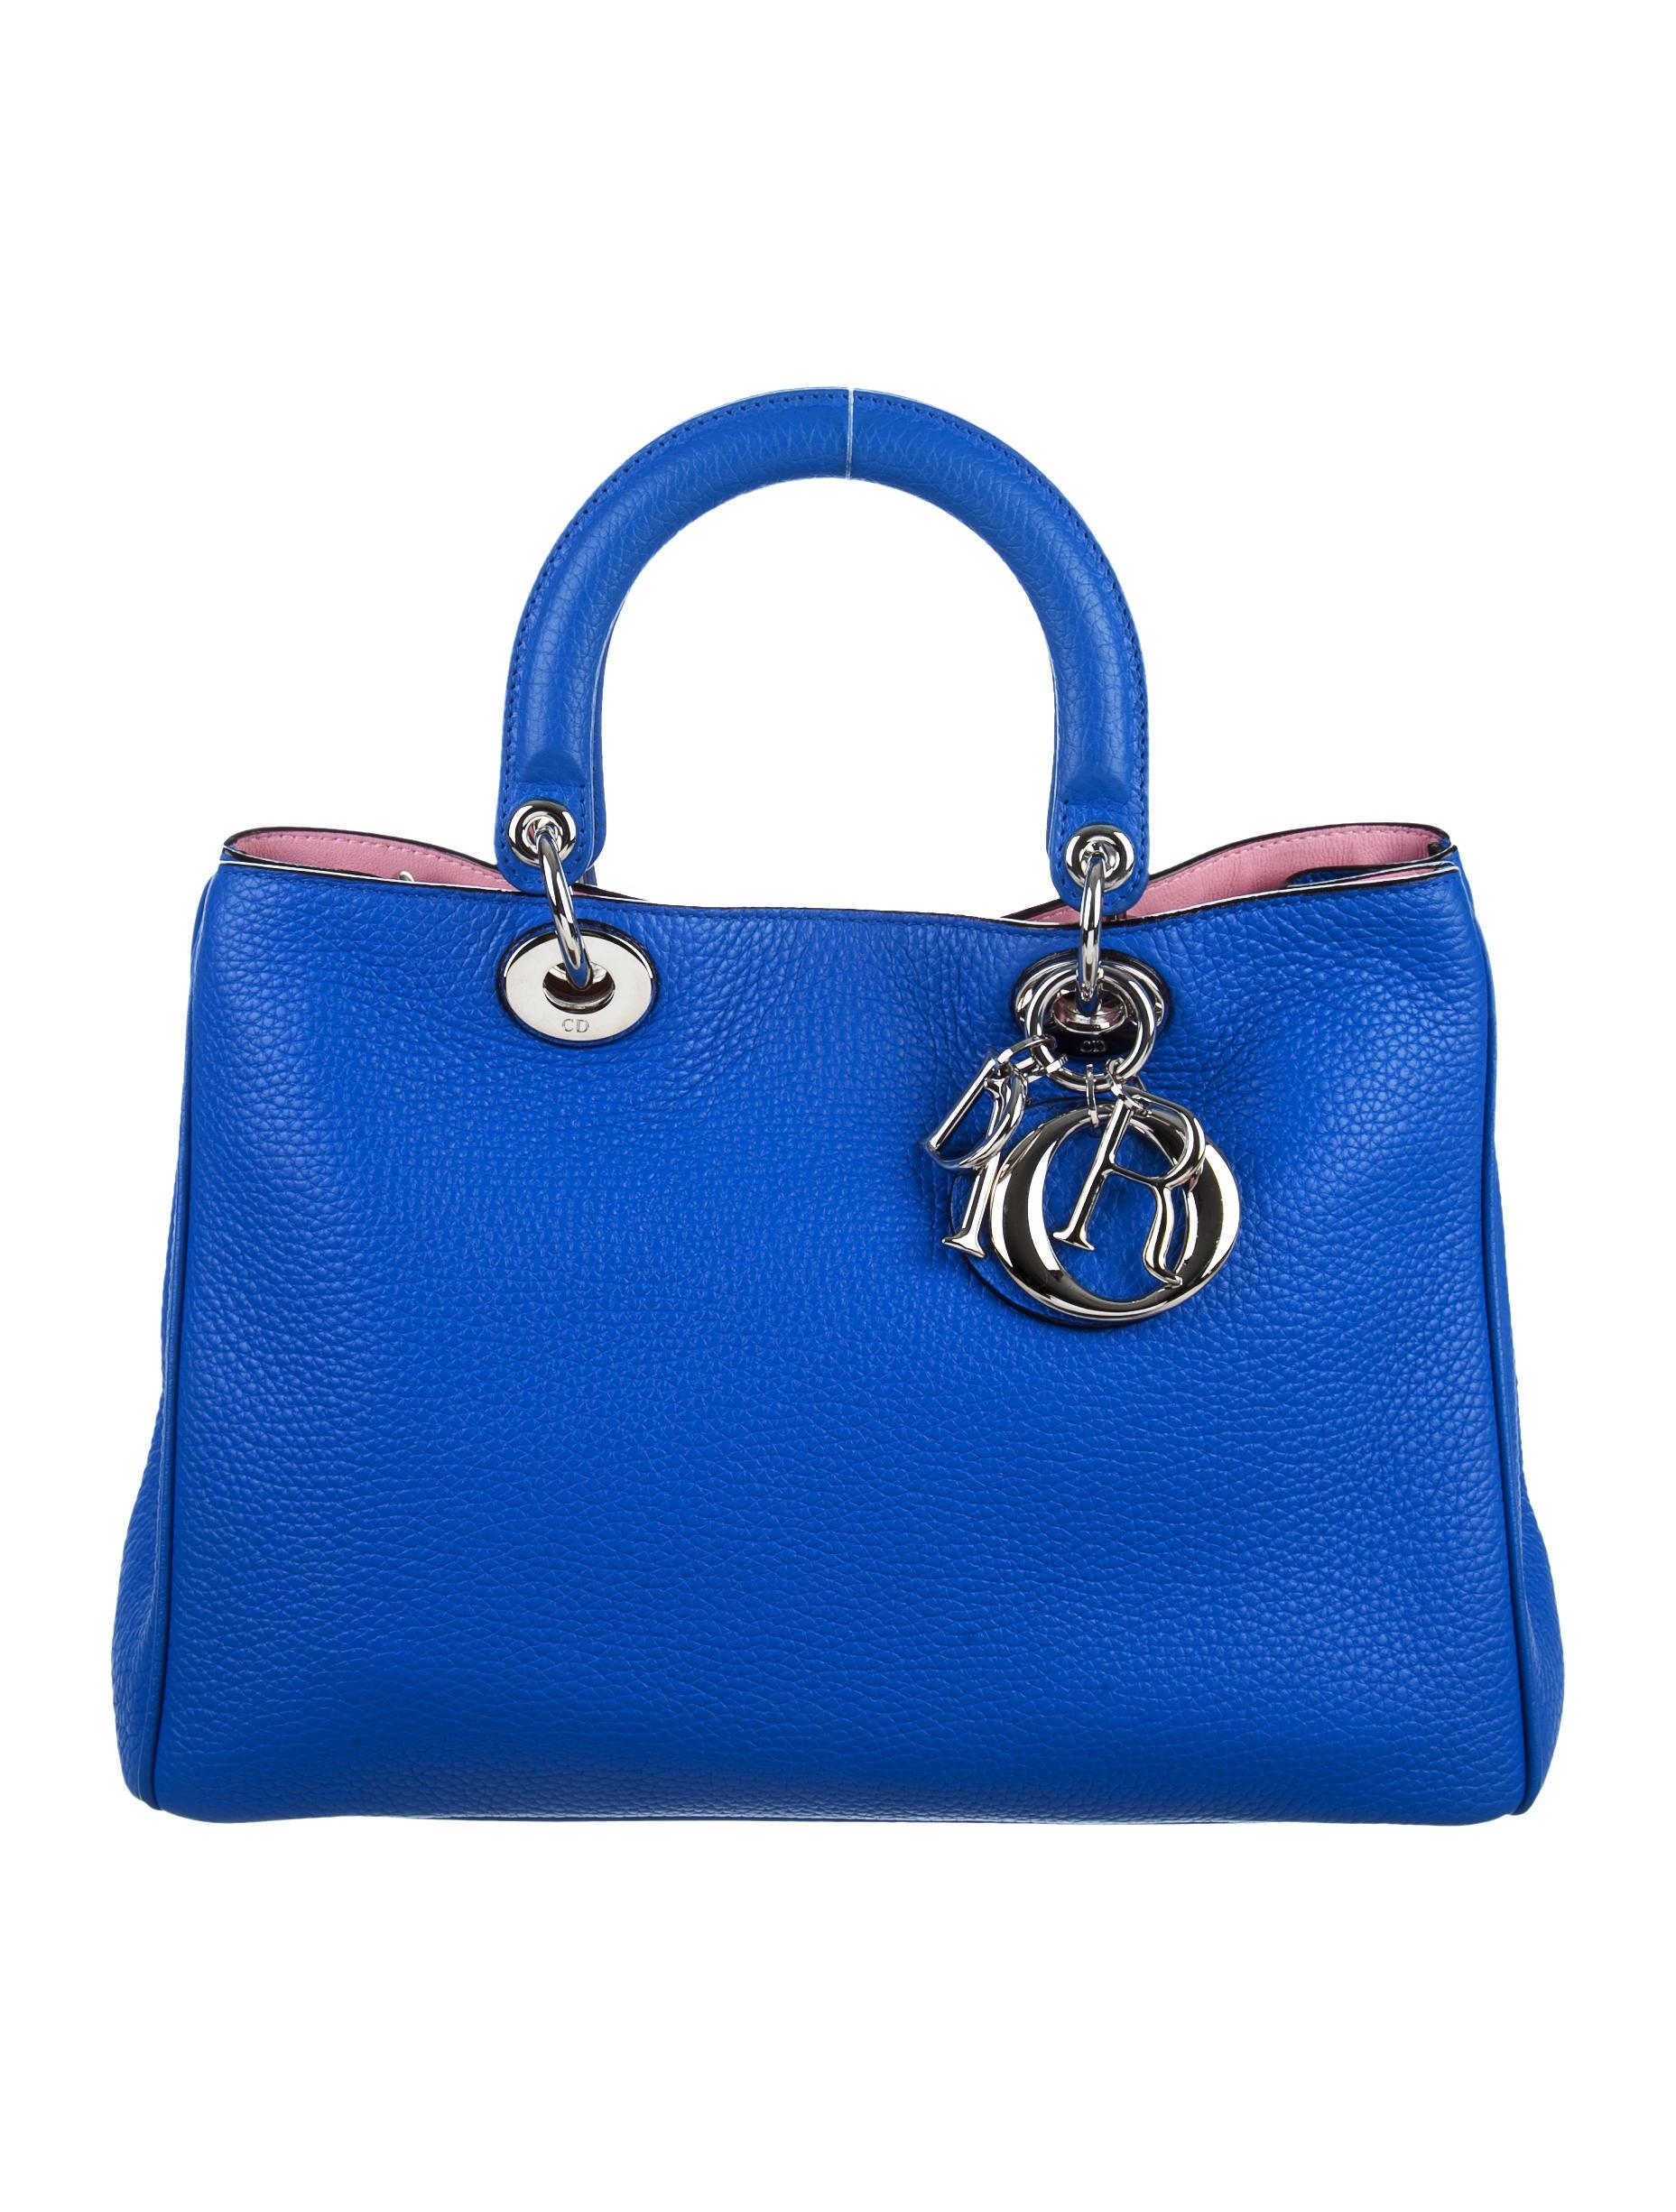 Christian Dior Medium Diorissimo Bag - Handbags - CHR48609 ...